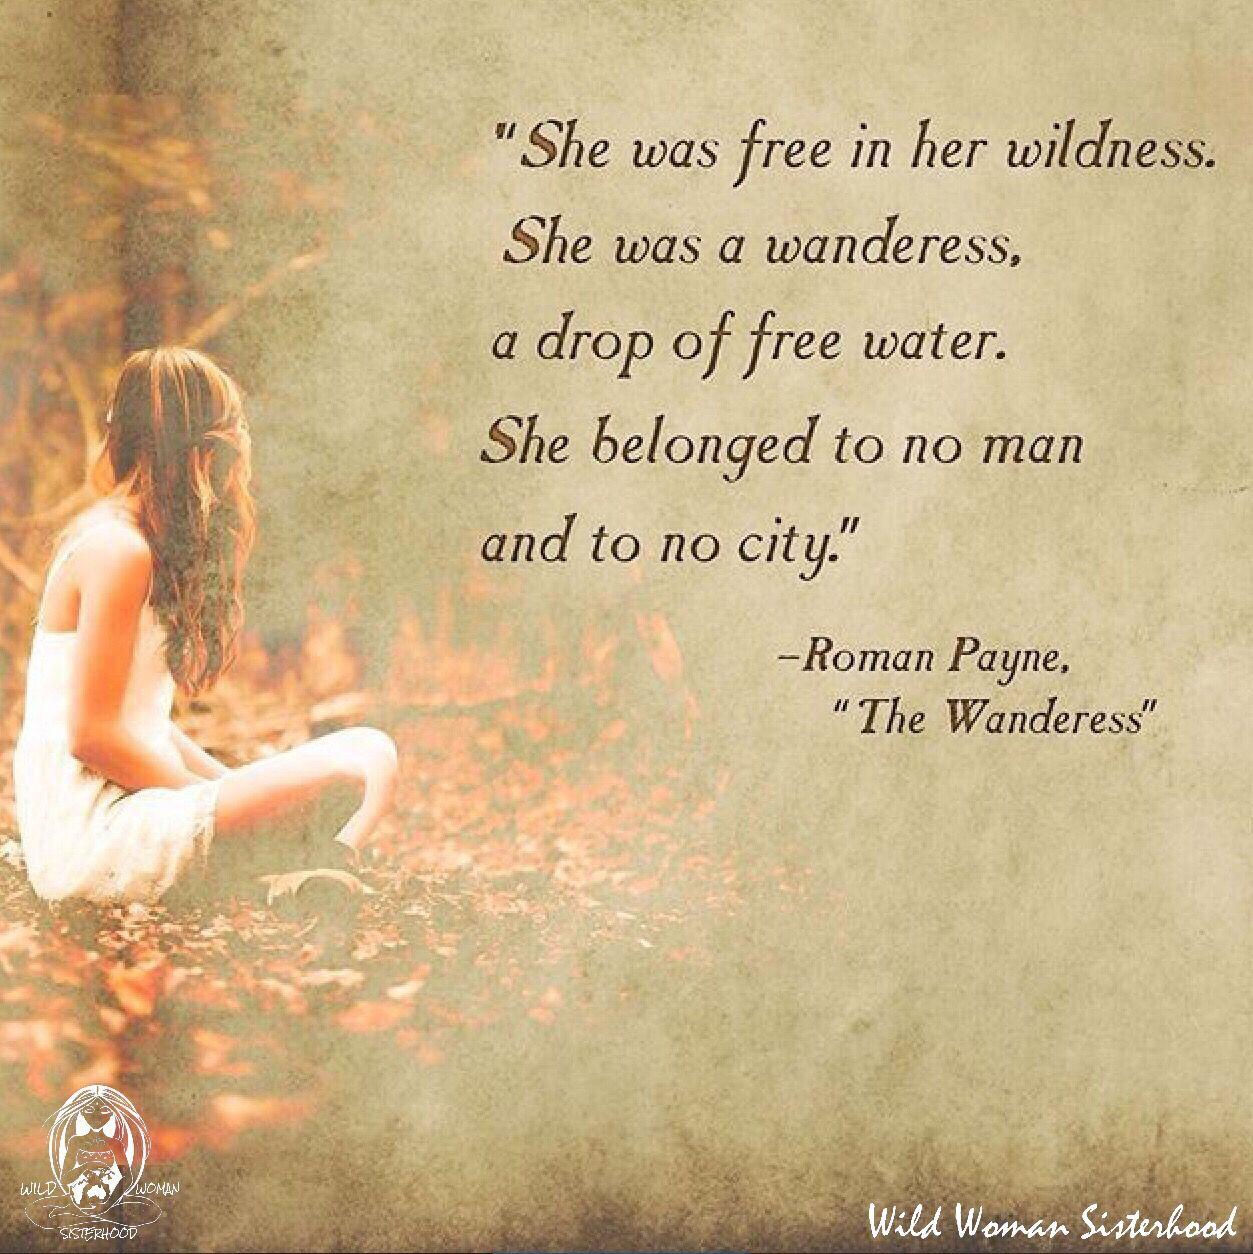 Elle était libre dans Son Sauvagerie Elle était une Wanderess, A Drop-2823